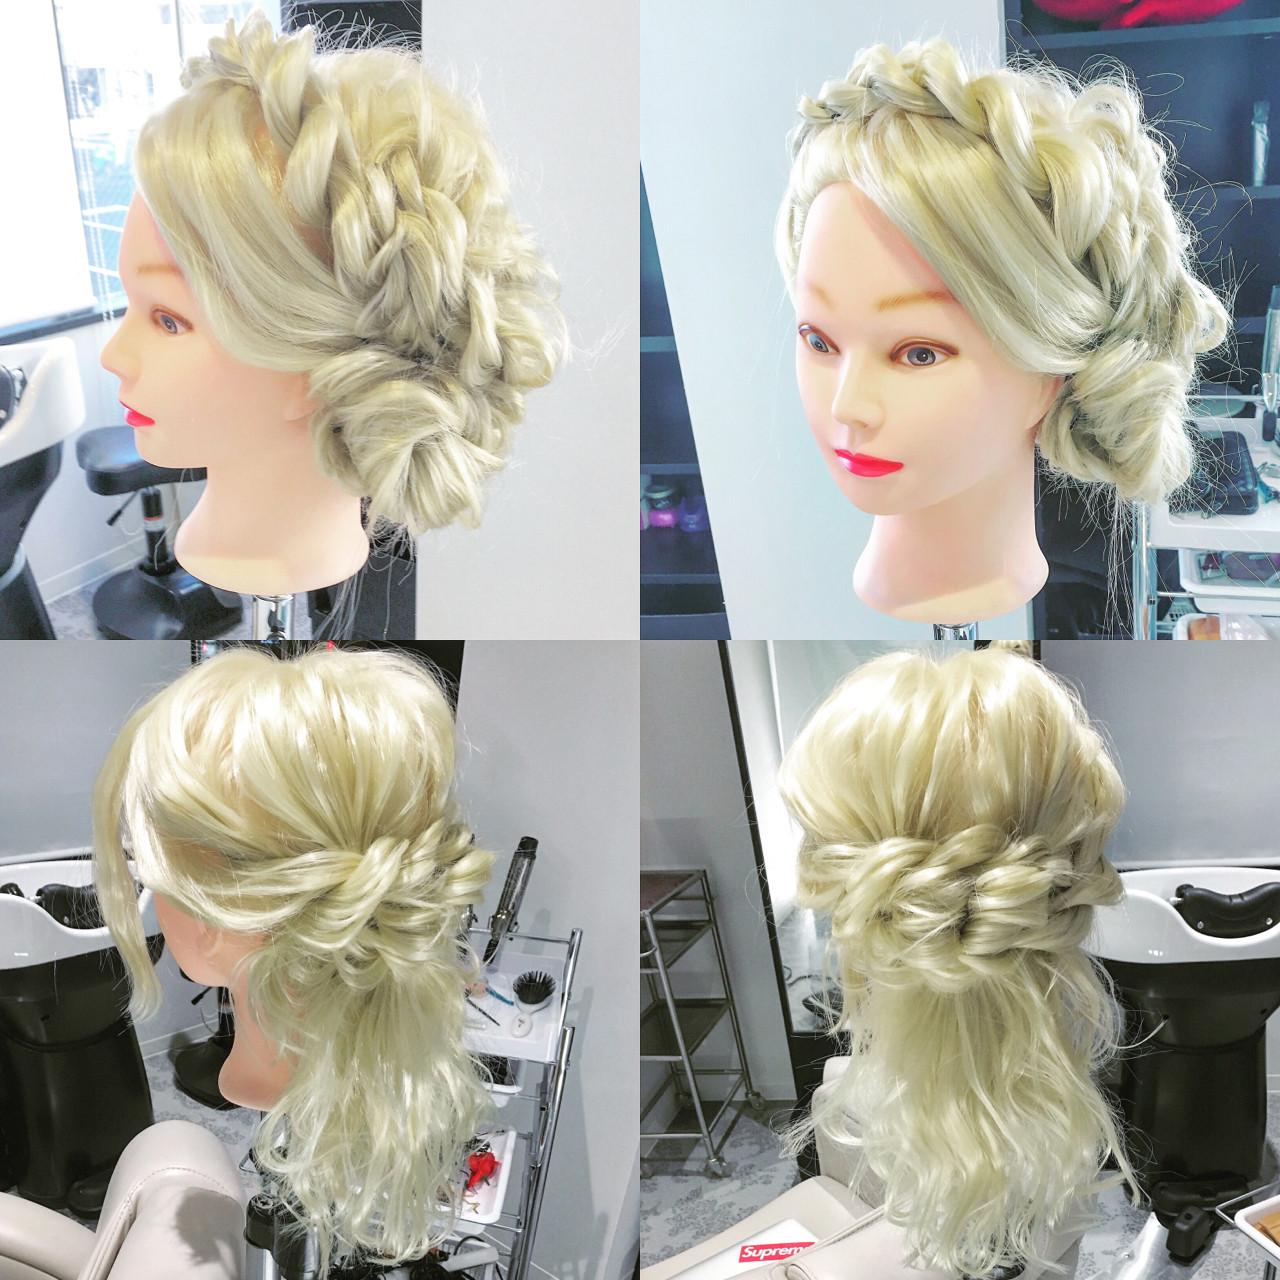 上品 まとめ髪 結婚式 エレガント ヘアスタイルや髪型の写真・画像 | 美容師HIRO/Amoute代表 / Amoute/アムティ